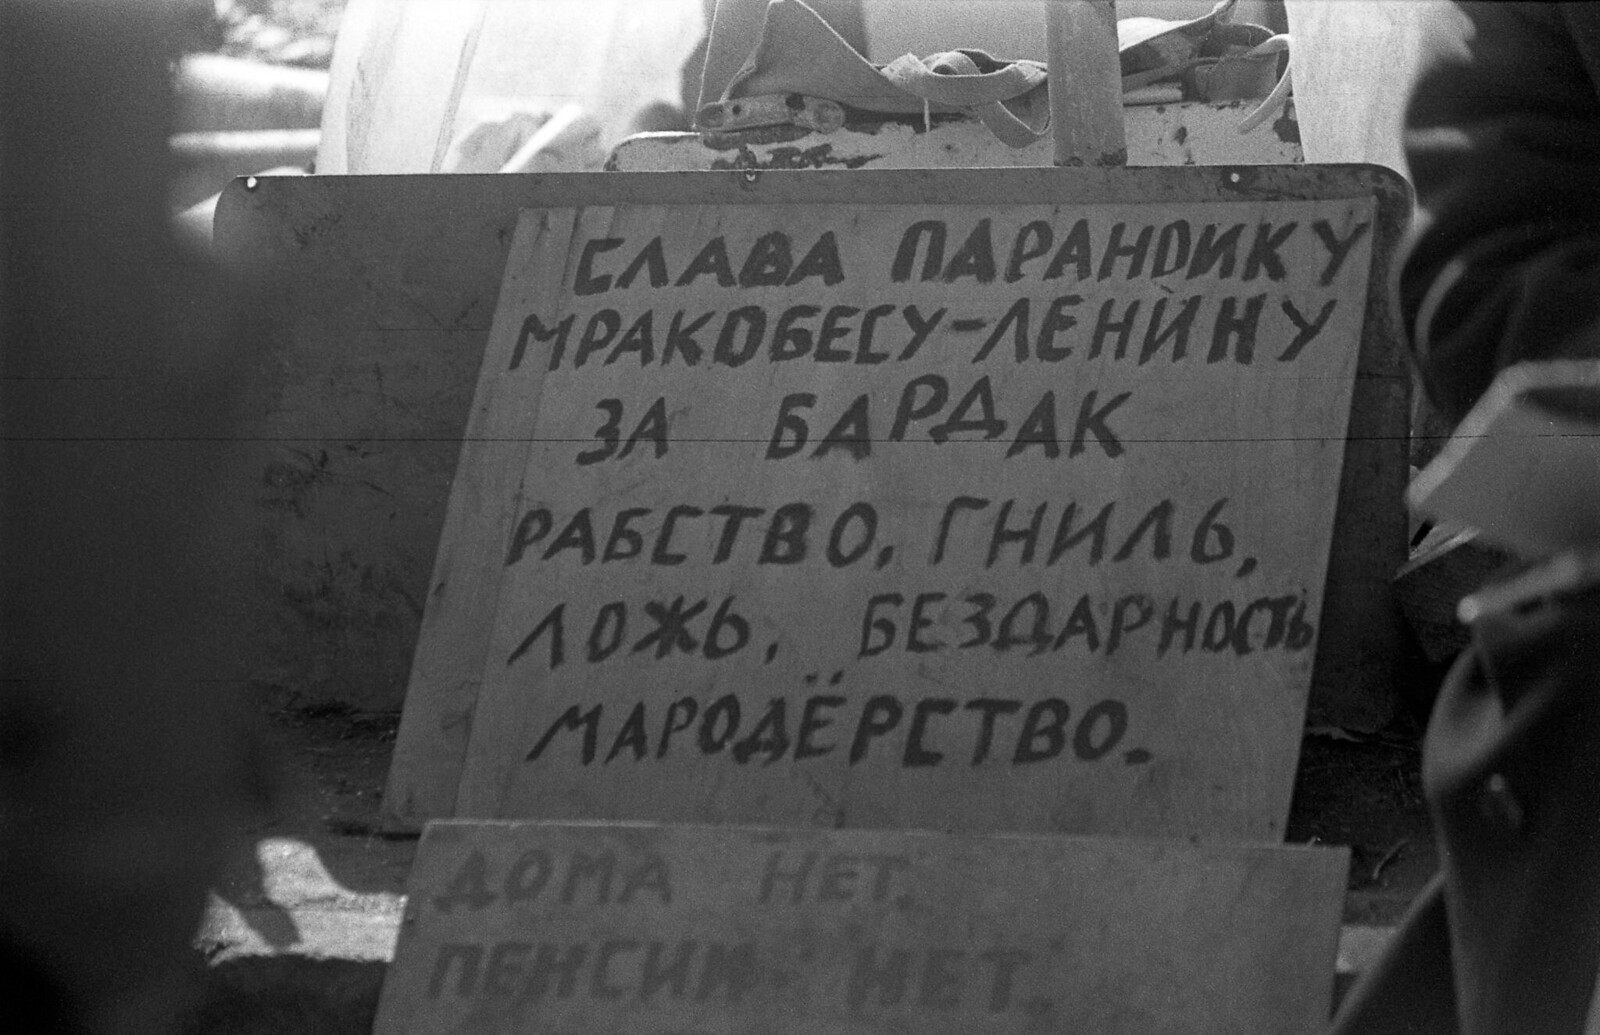 1989. Васильевский спуск, Палаточный городок (8)